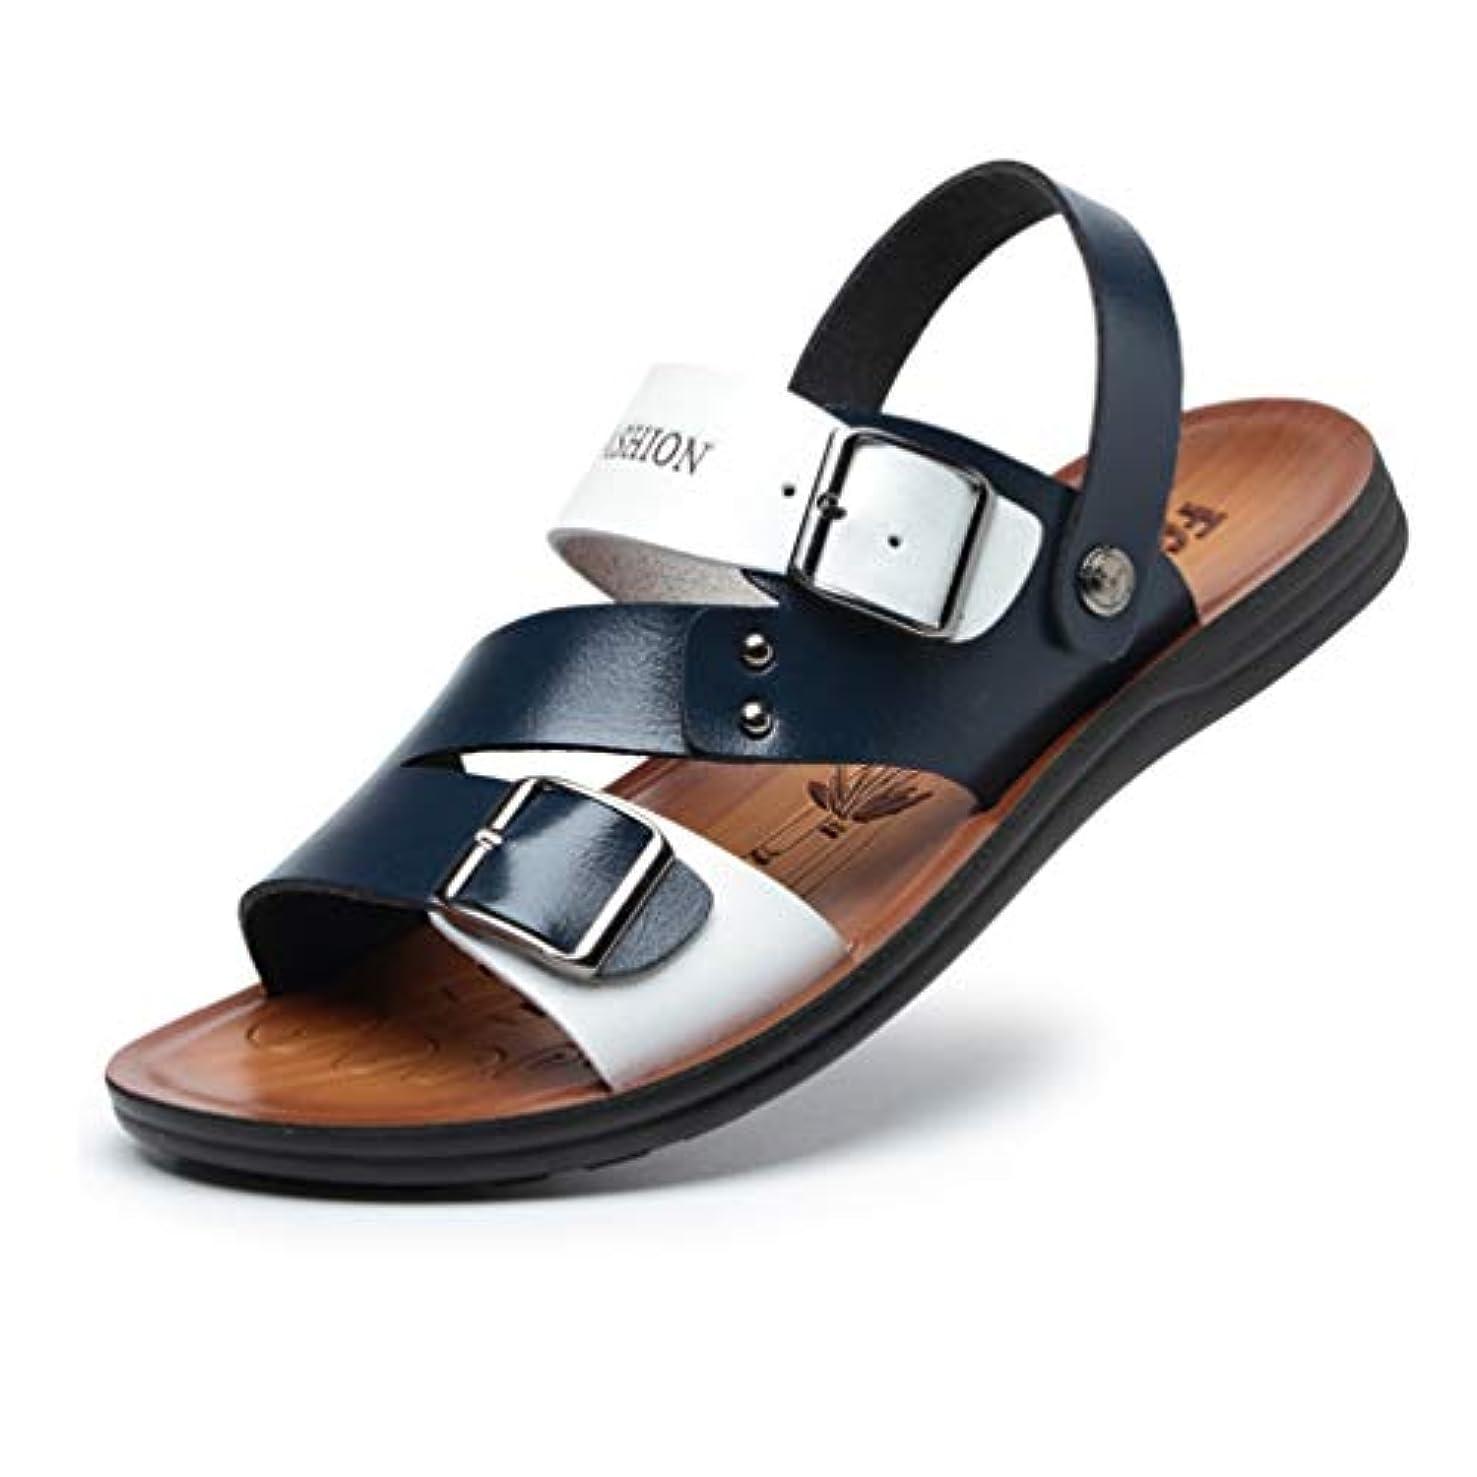 注入する礼儀誰も紳士靴 ビジネスサンダル ビーチサンダル コンフォート 夏 オシャレ ストラップ ローマ オフィス 軽い かかと スポーツ 2way 大きいサイズ アウトドア バックベルト 旅行 滑り止め 革靴 メンズ 24.0-27.0cm